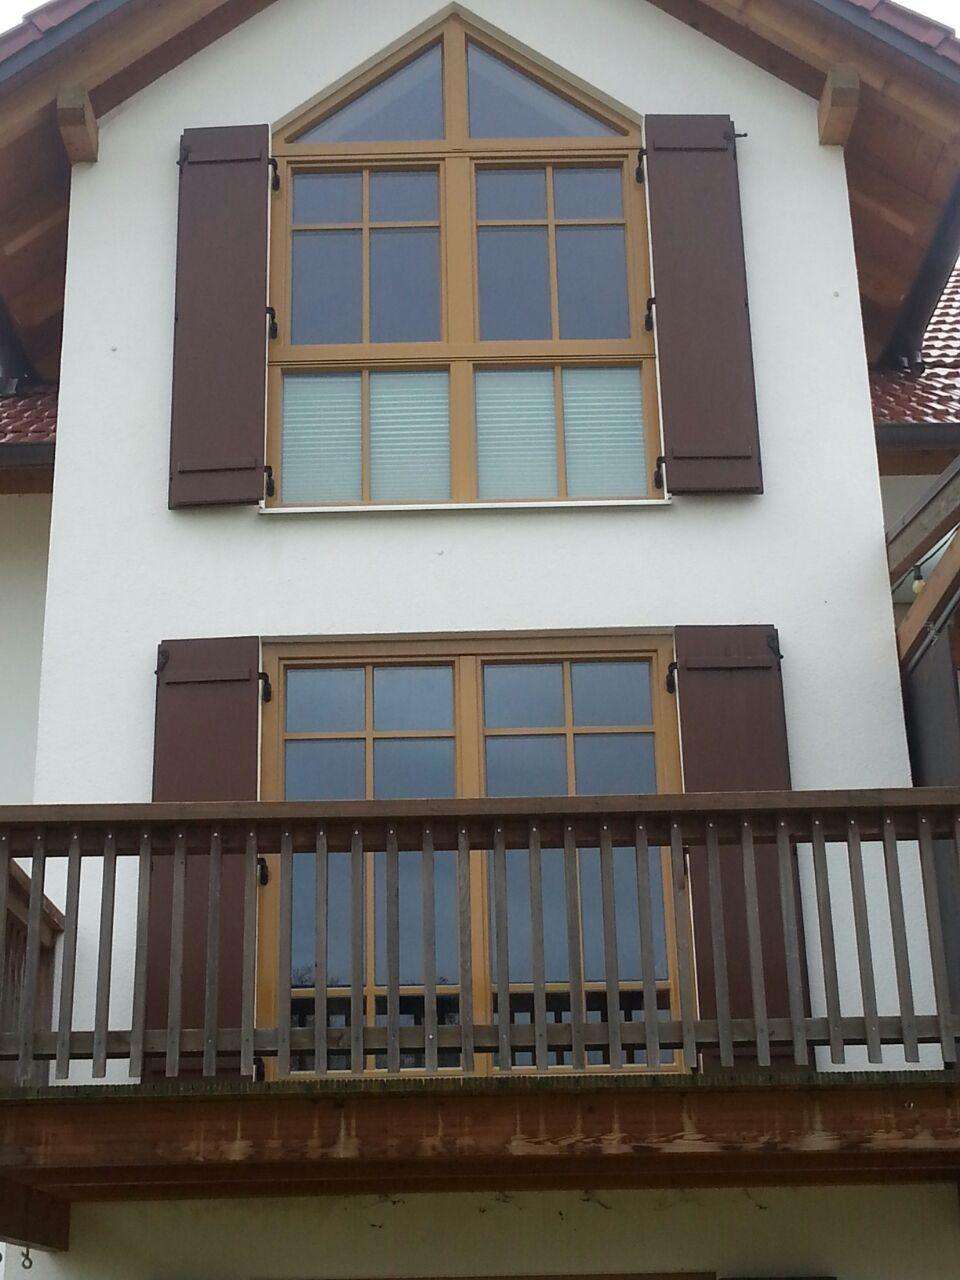 Fertig mit Alu verkleidete Fenster